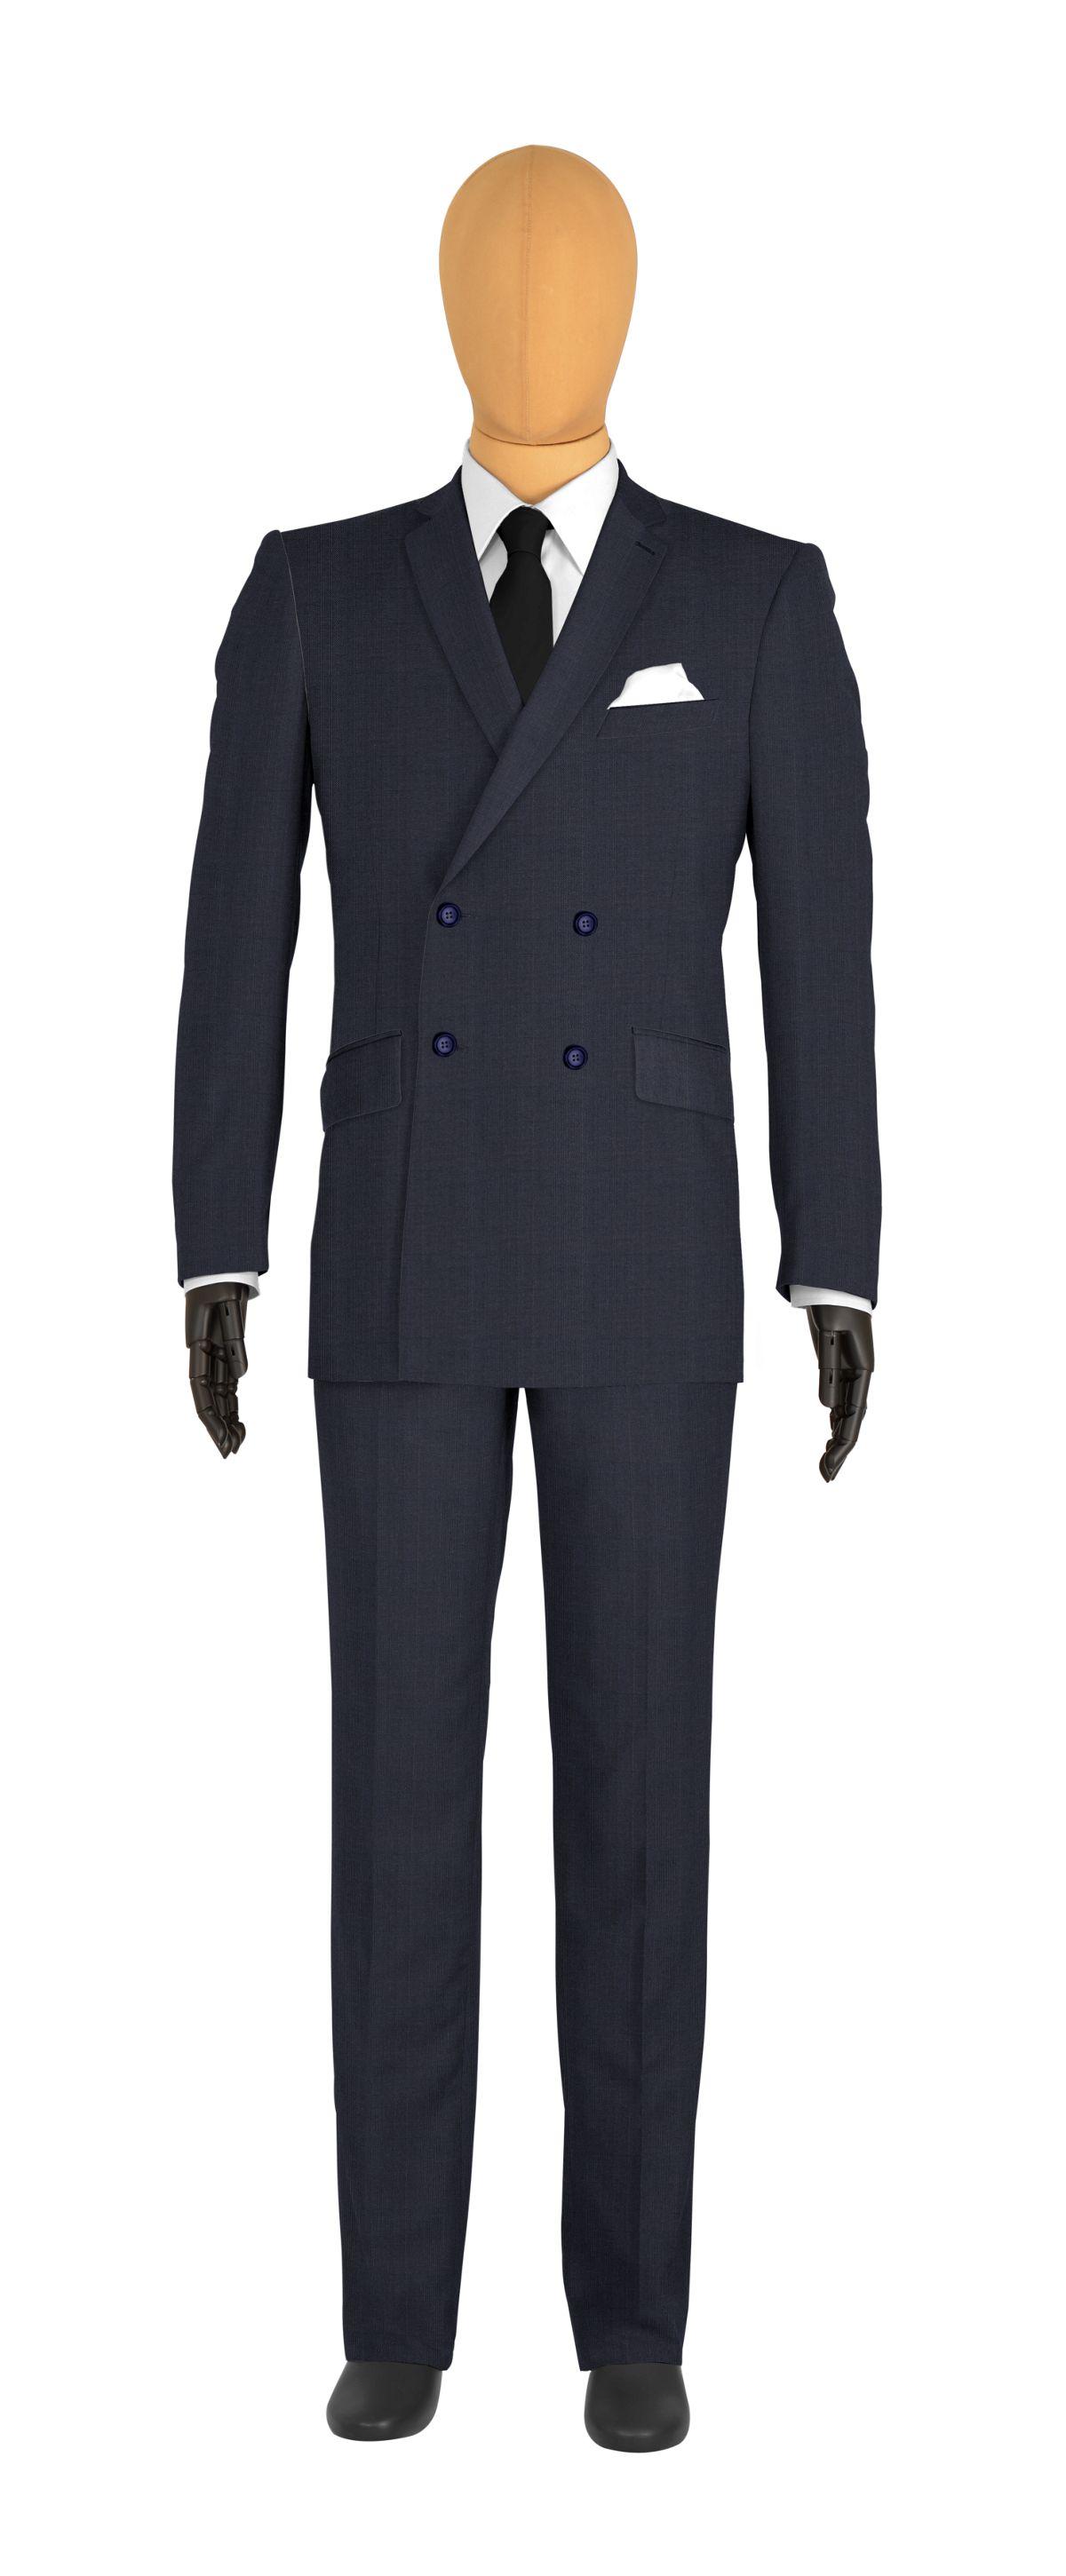 Costume sur mesure bleu carreaux tailor corner for Veste a carreaux homme